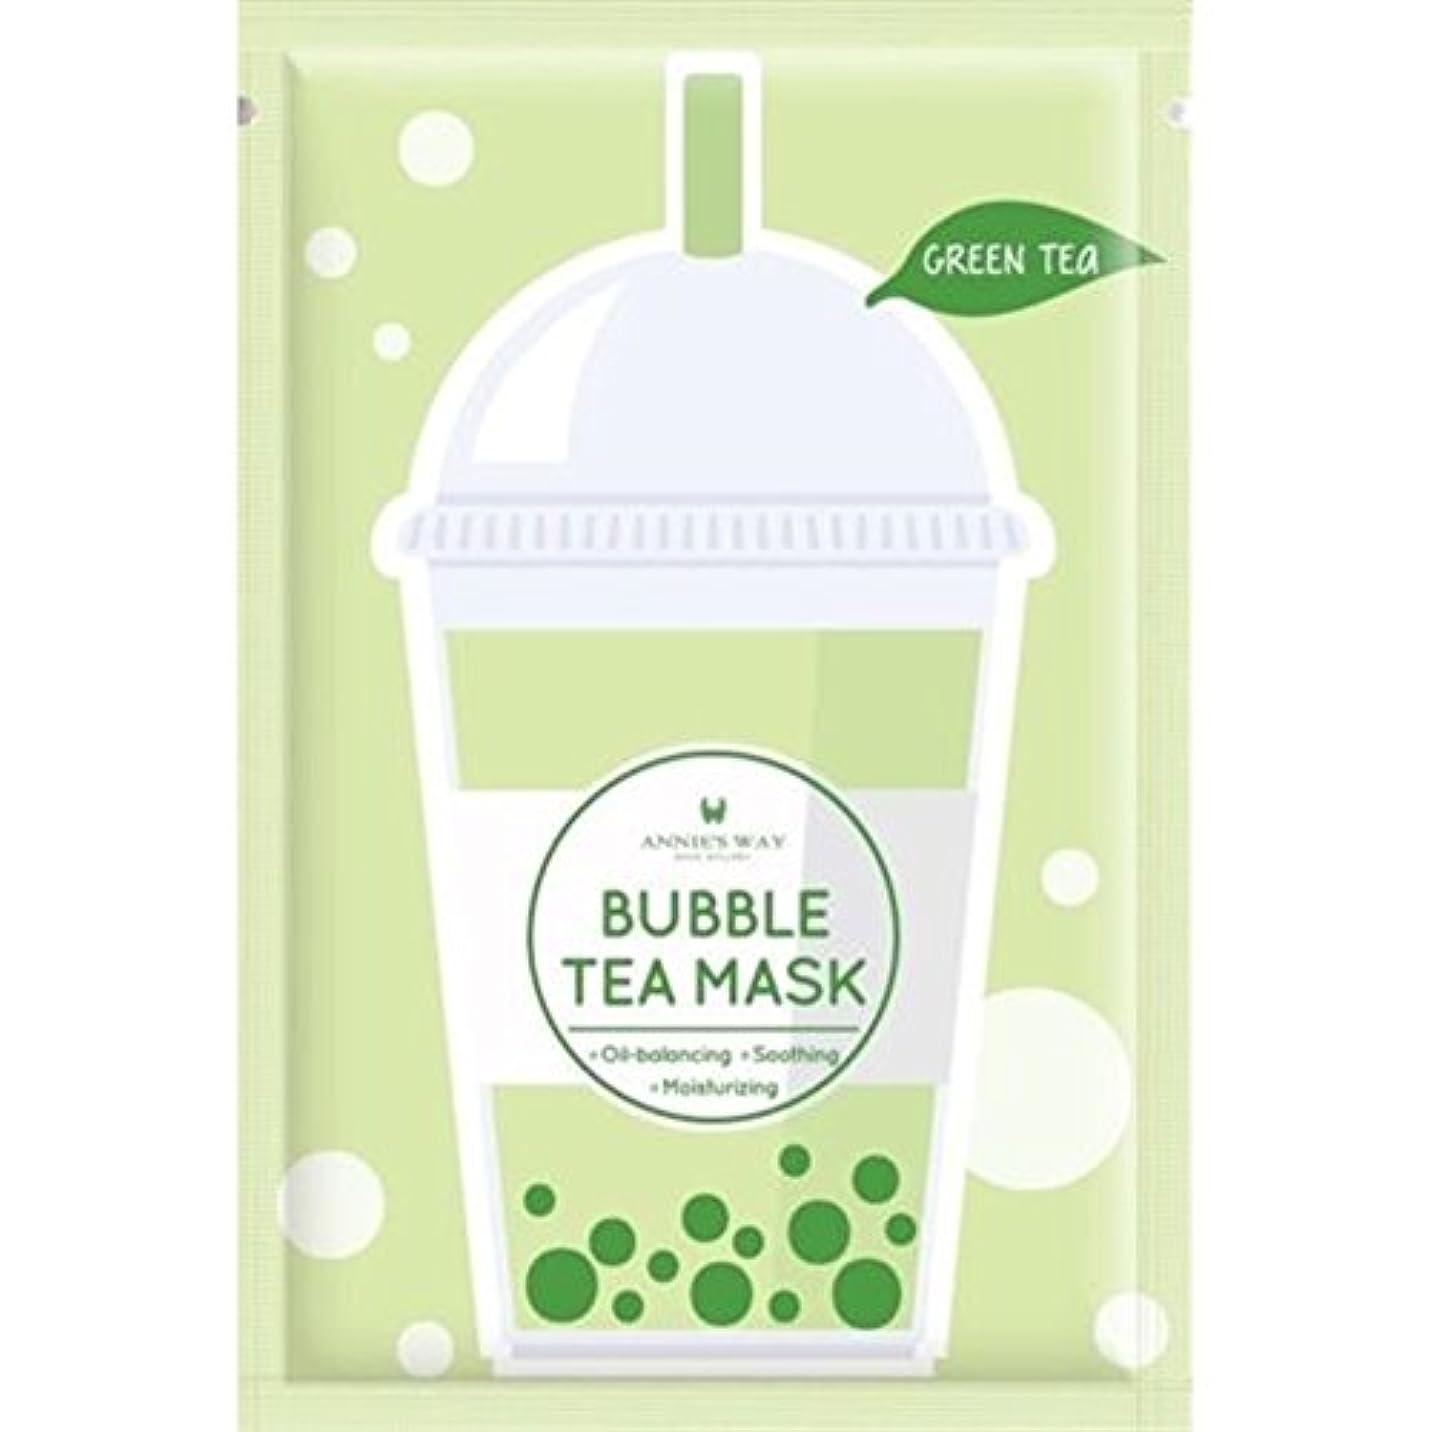 風味もの叫ぶAnnie's Way 人気 タピオカミルクティー シートマスク 全4種 (緑茶)